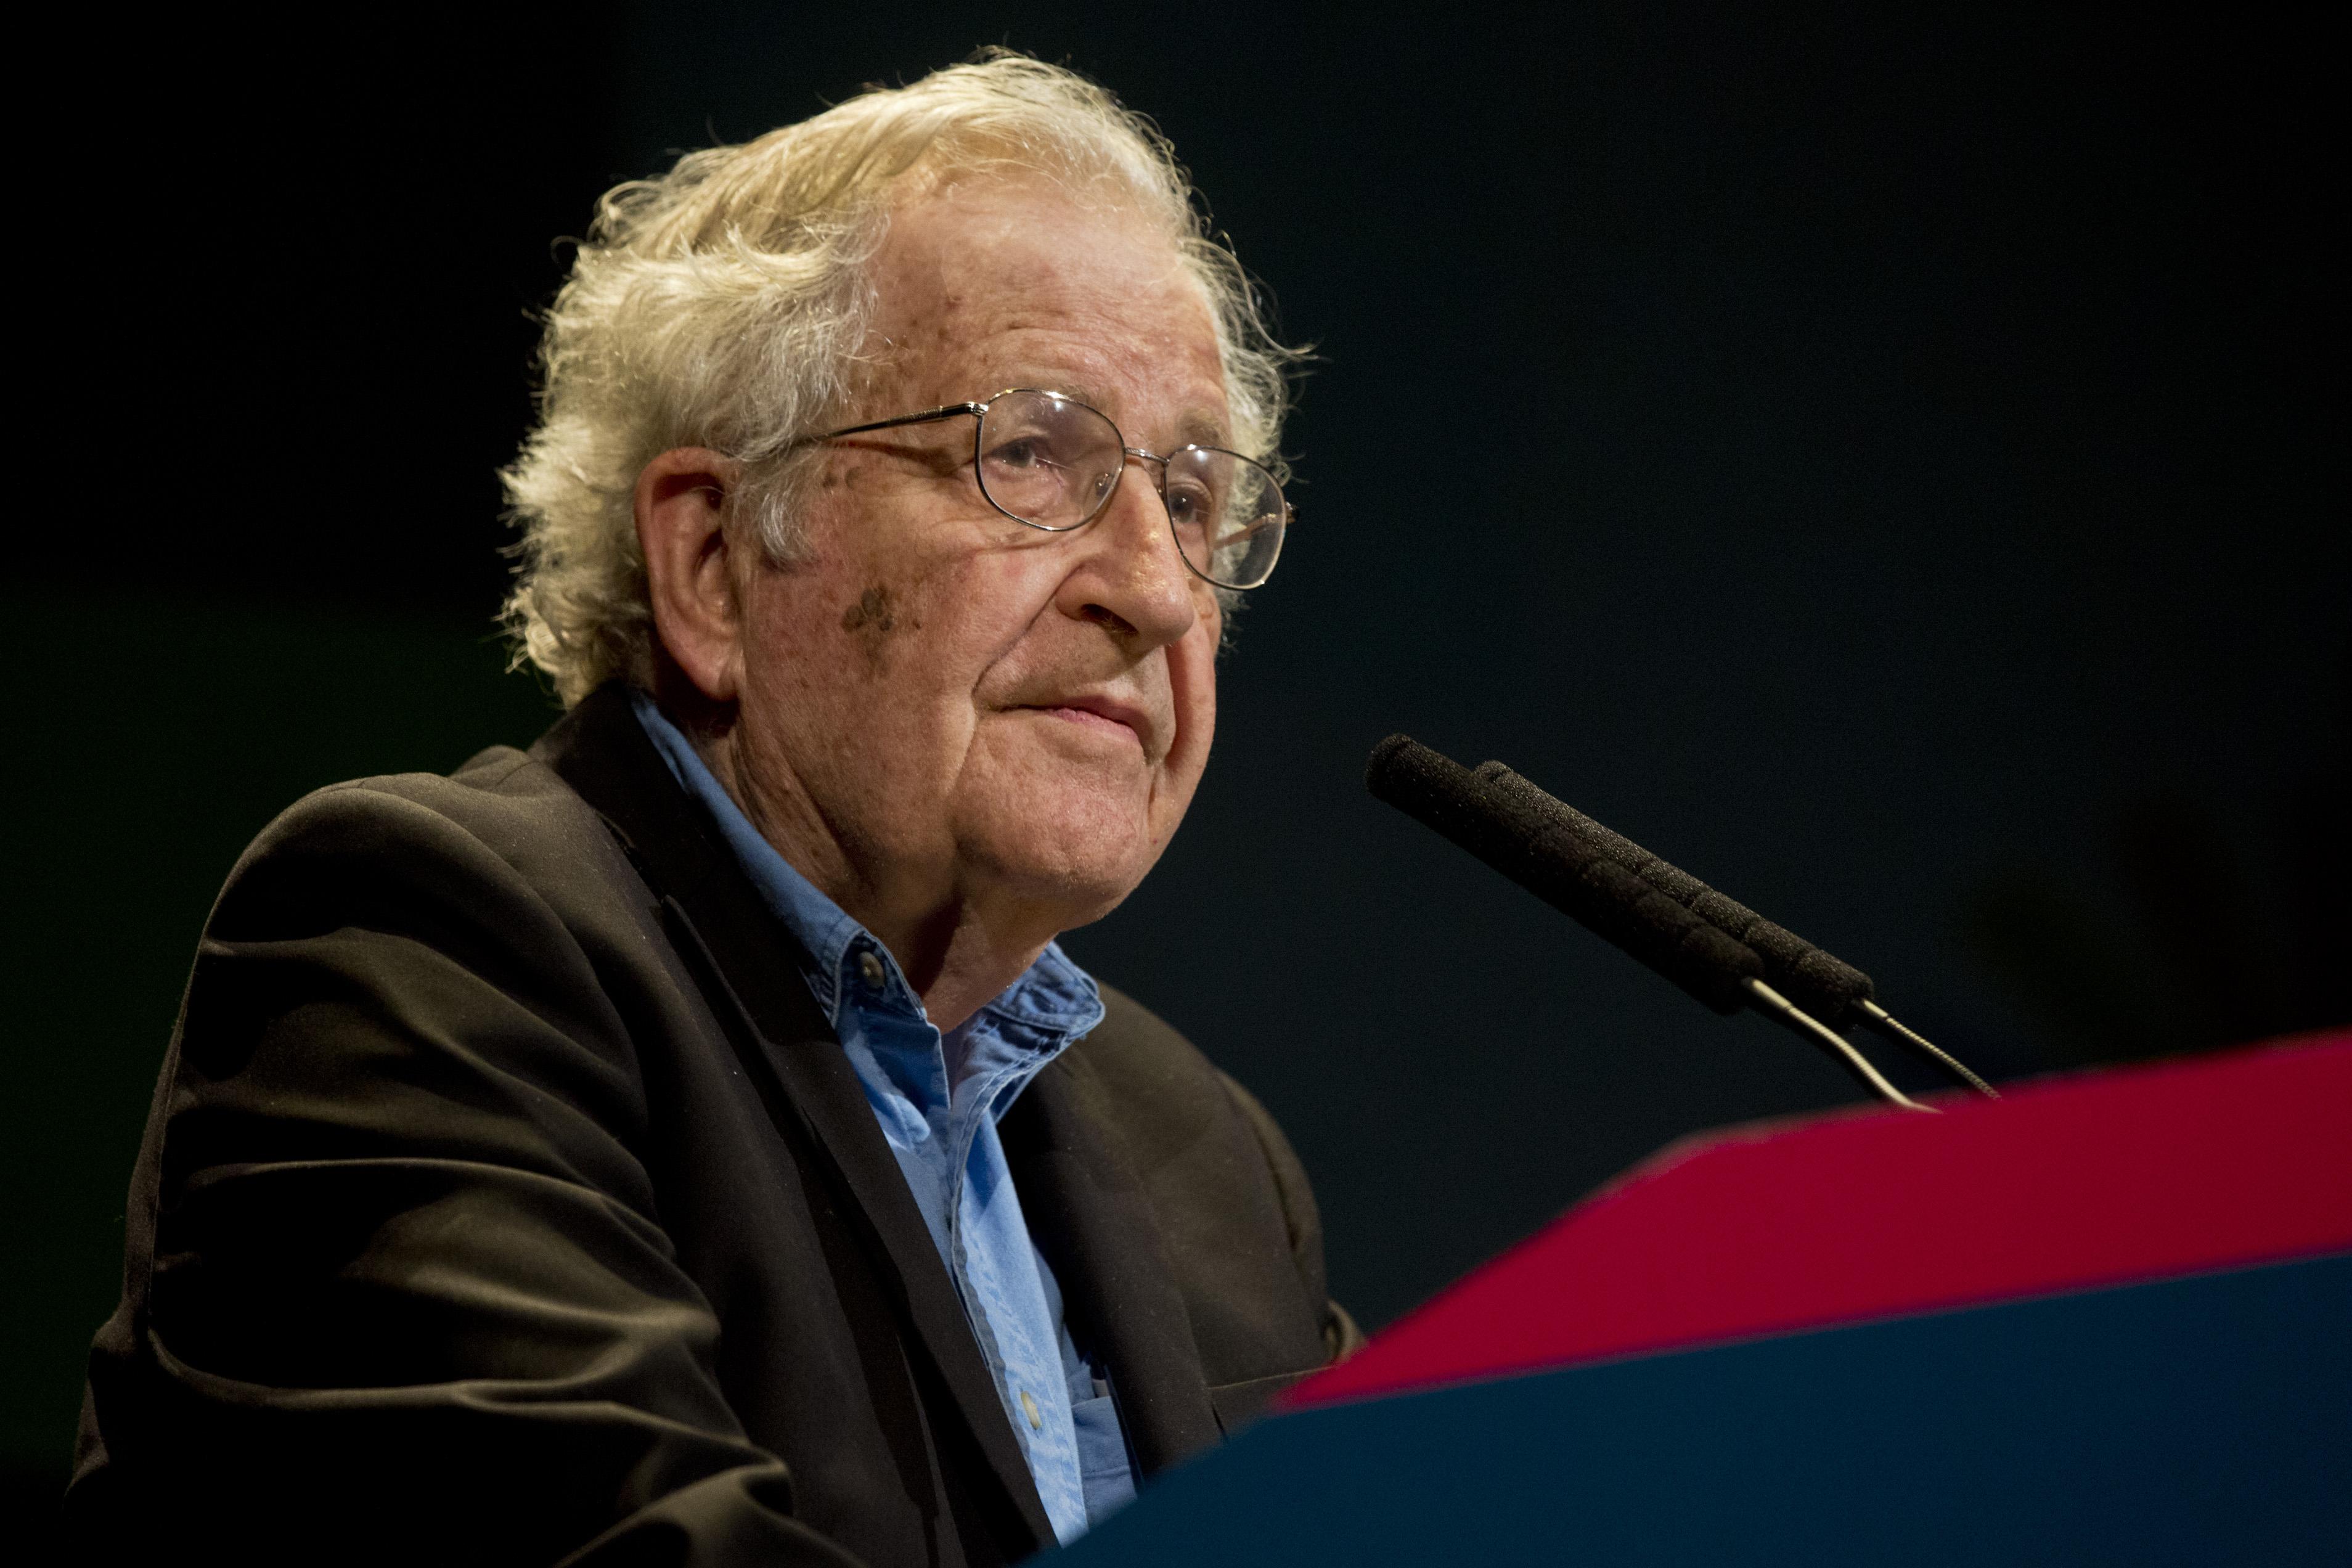 Noam Chomsky photo #100925, Noam Chomsky image